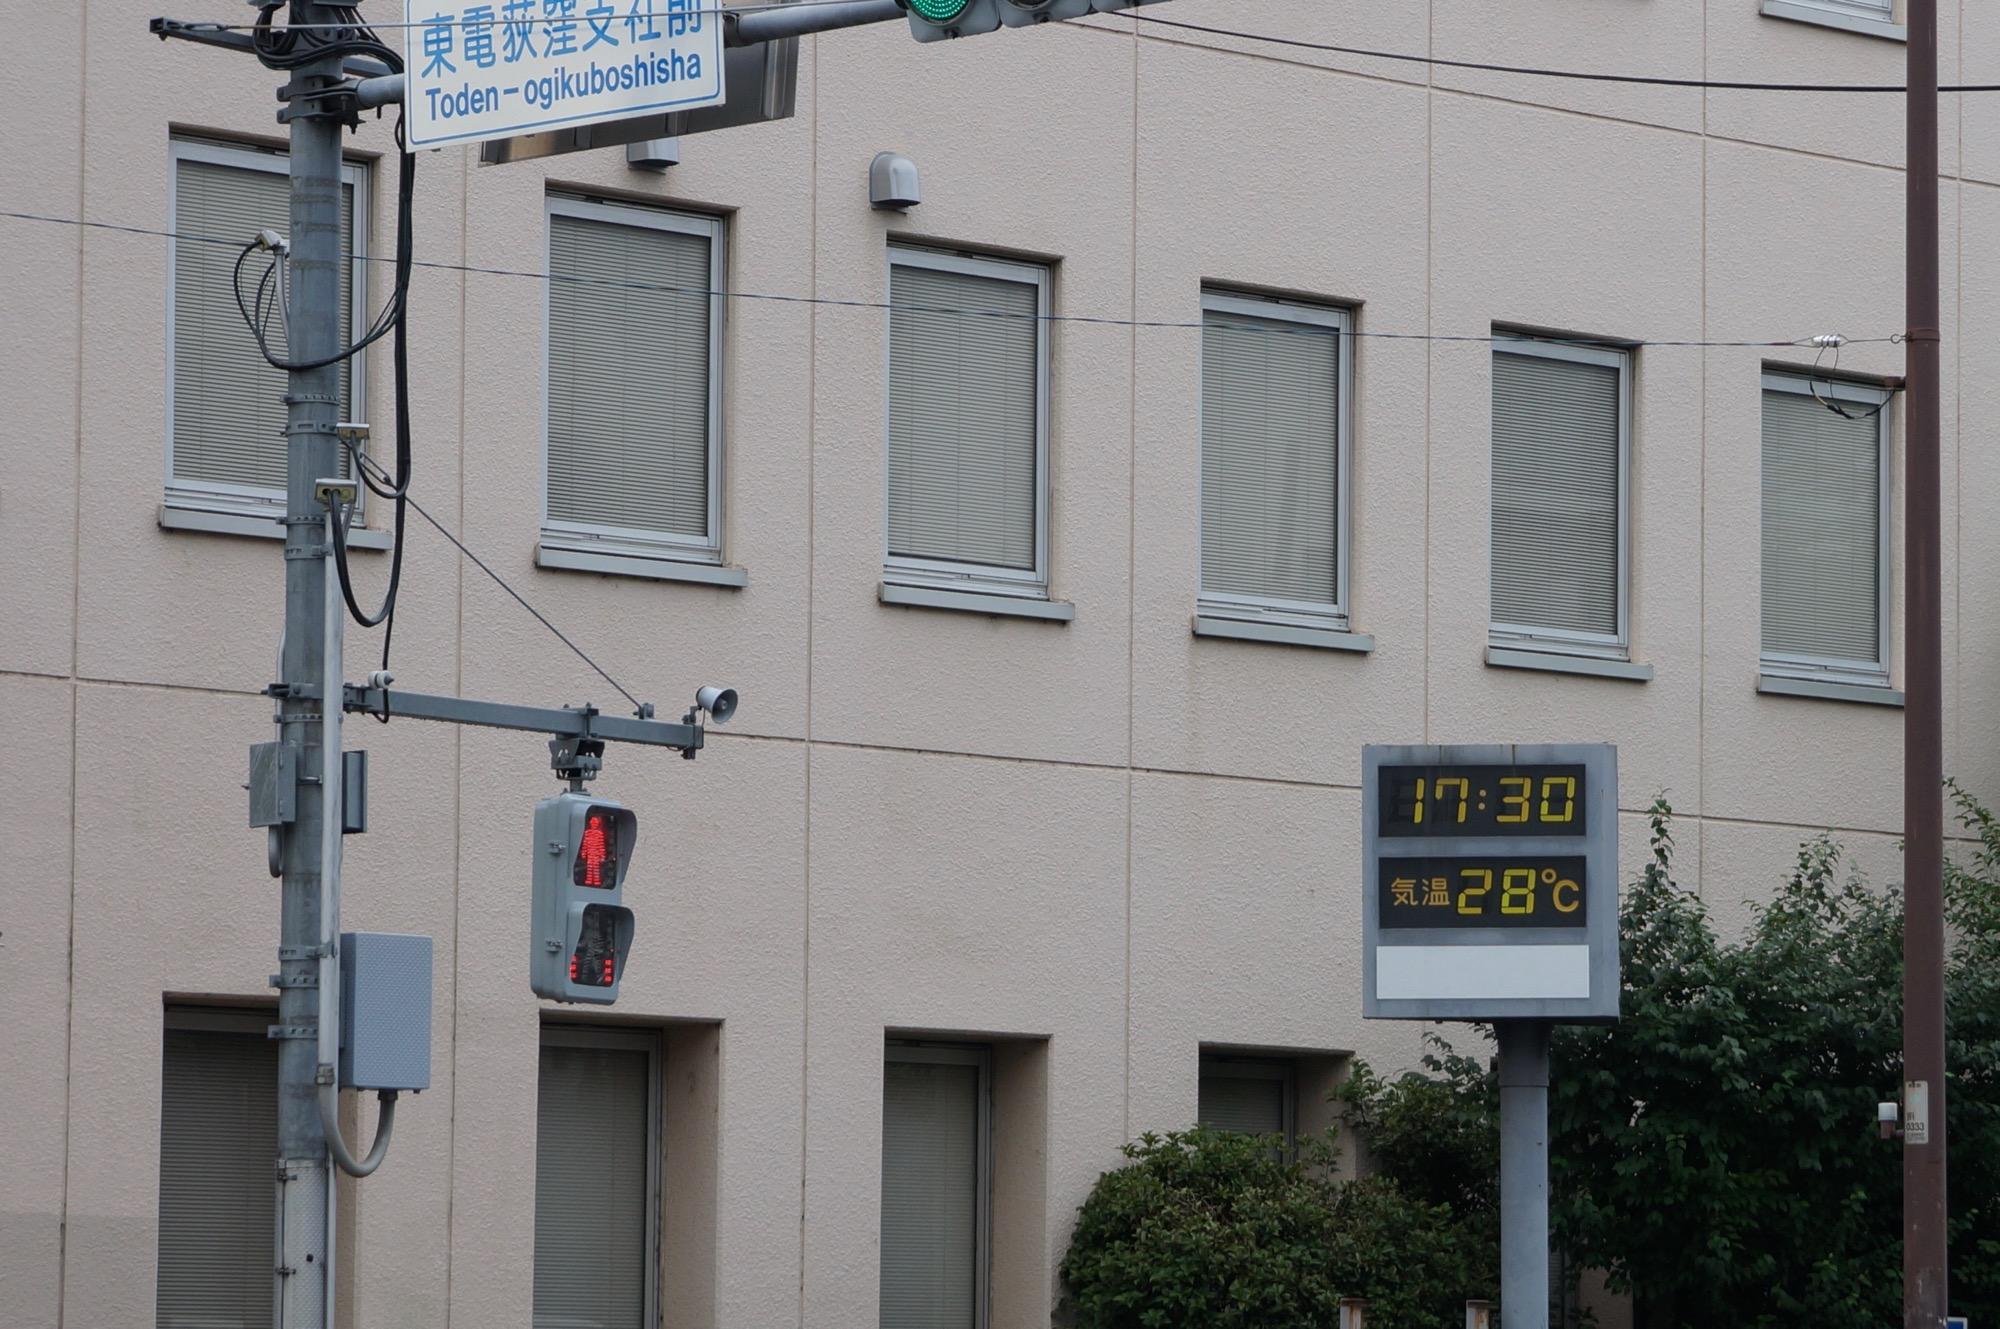 復活したNEX-5Tにて。今日の温度は28℃と低いのですが、体感は35℃を超えている気がします